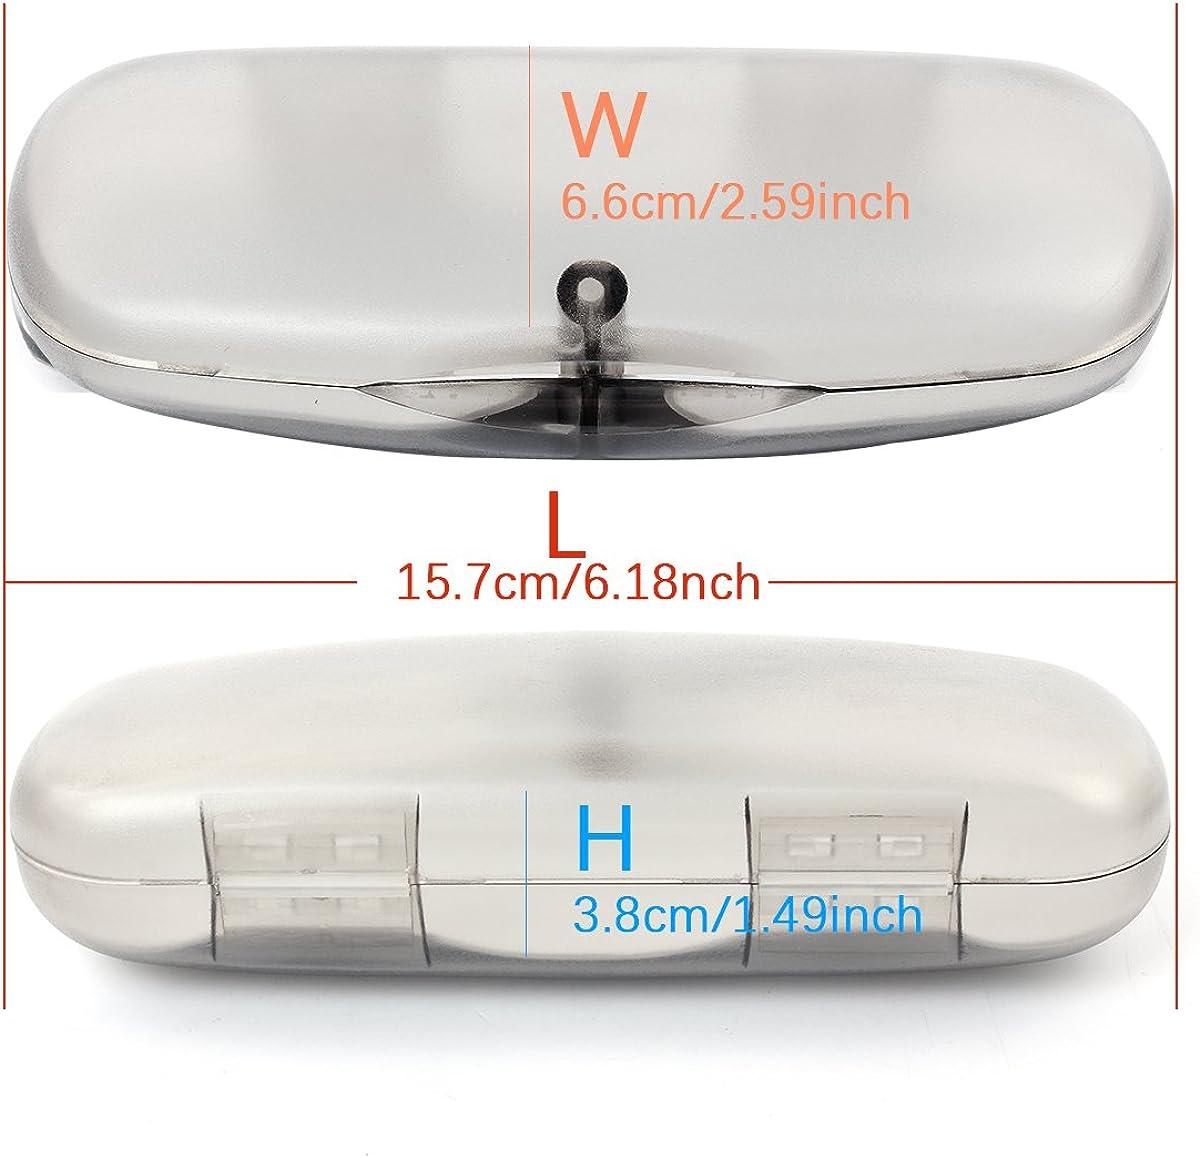 tragbar EZESO Hartschalen-Brillenetui /Ölgem/älde mit Reparaturwerkzeug und Reinigungstuch passend f/ür kleine bis mittelgro/ße Rahmen